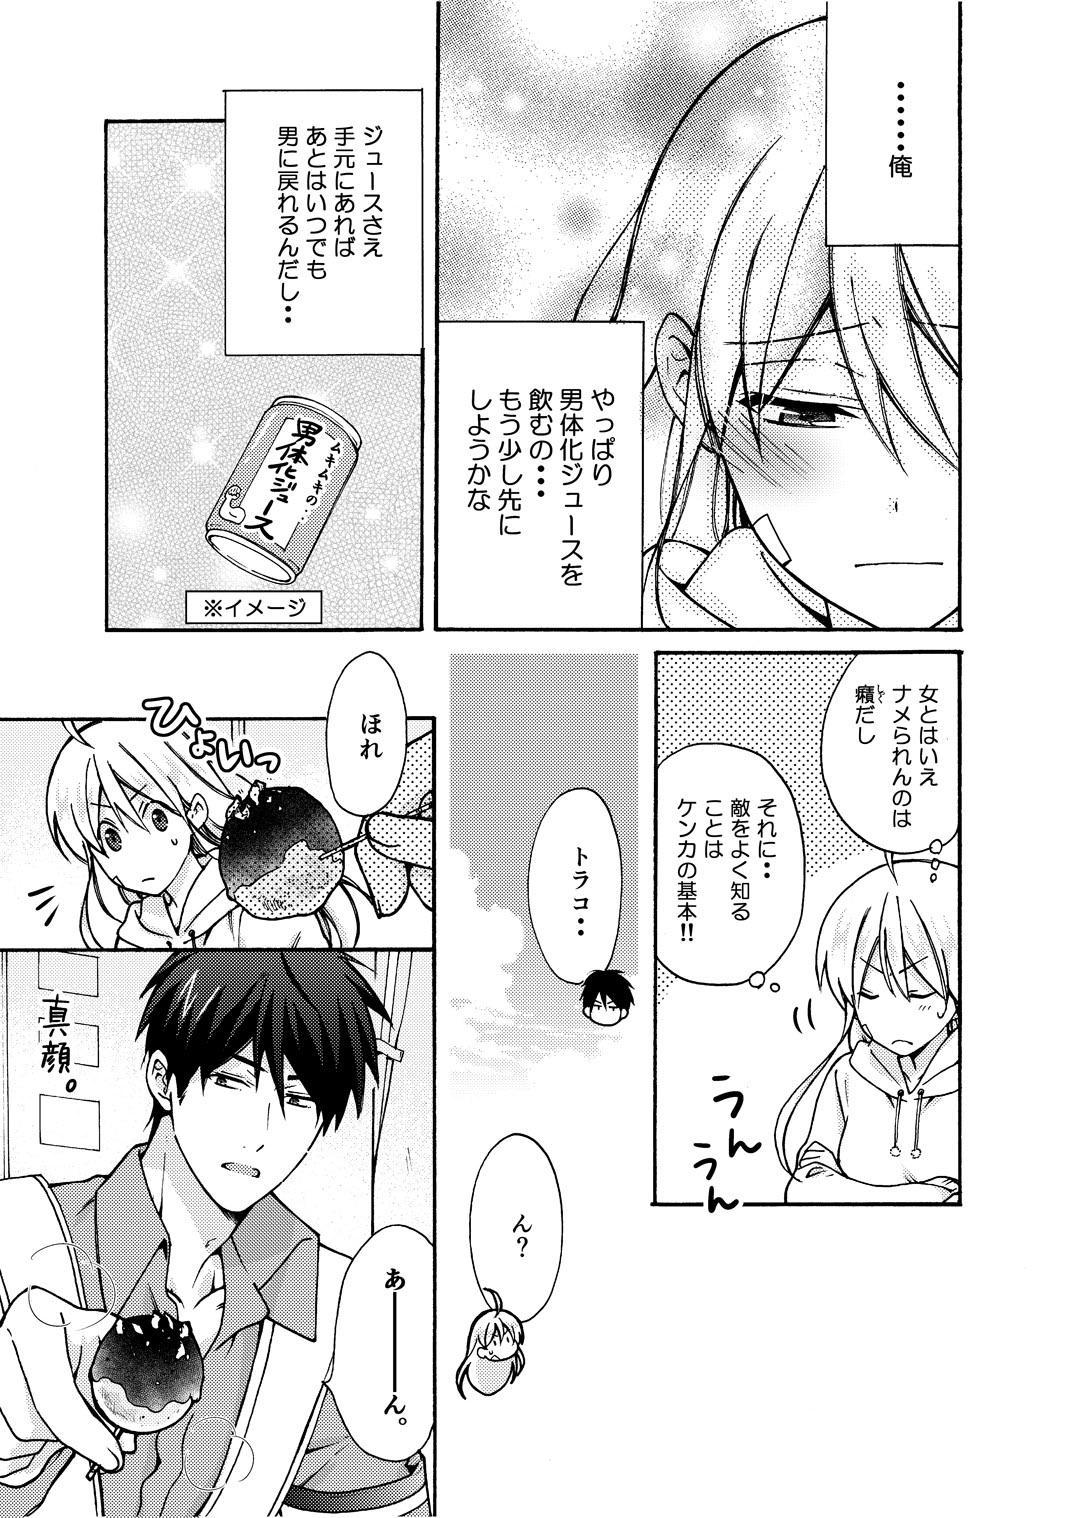 Nyotaika Yankee Gakuen ☆ Ore no Hajimete, Nerawaretemasu. 9 15